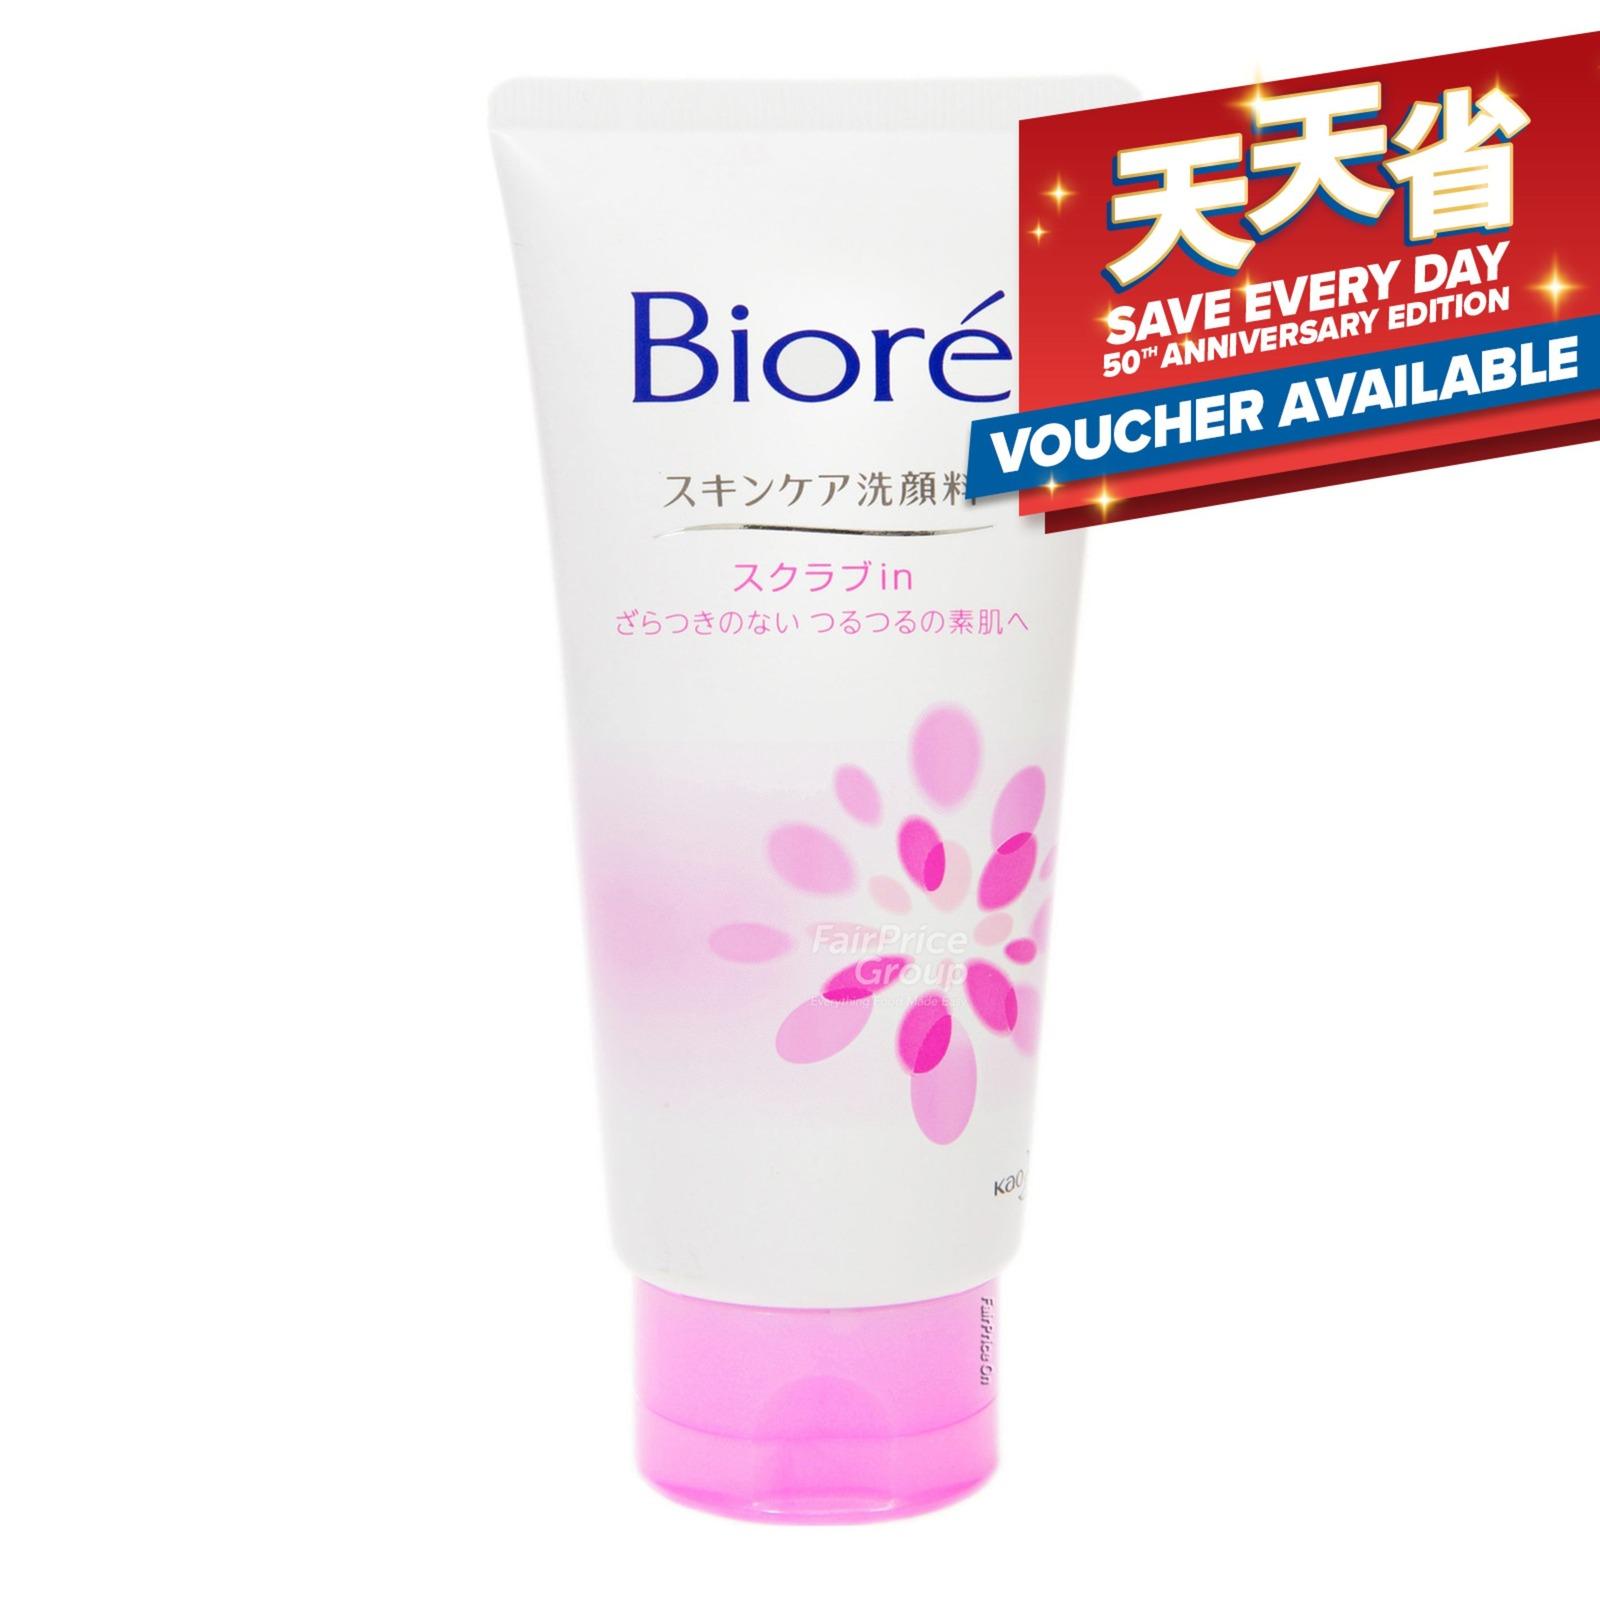 BIORE biore facial foam scrub 130g